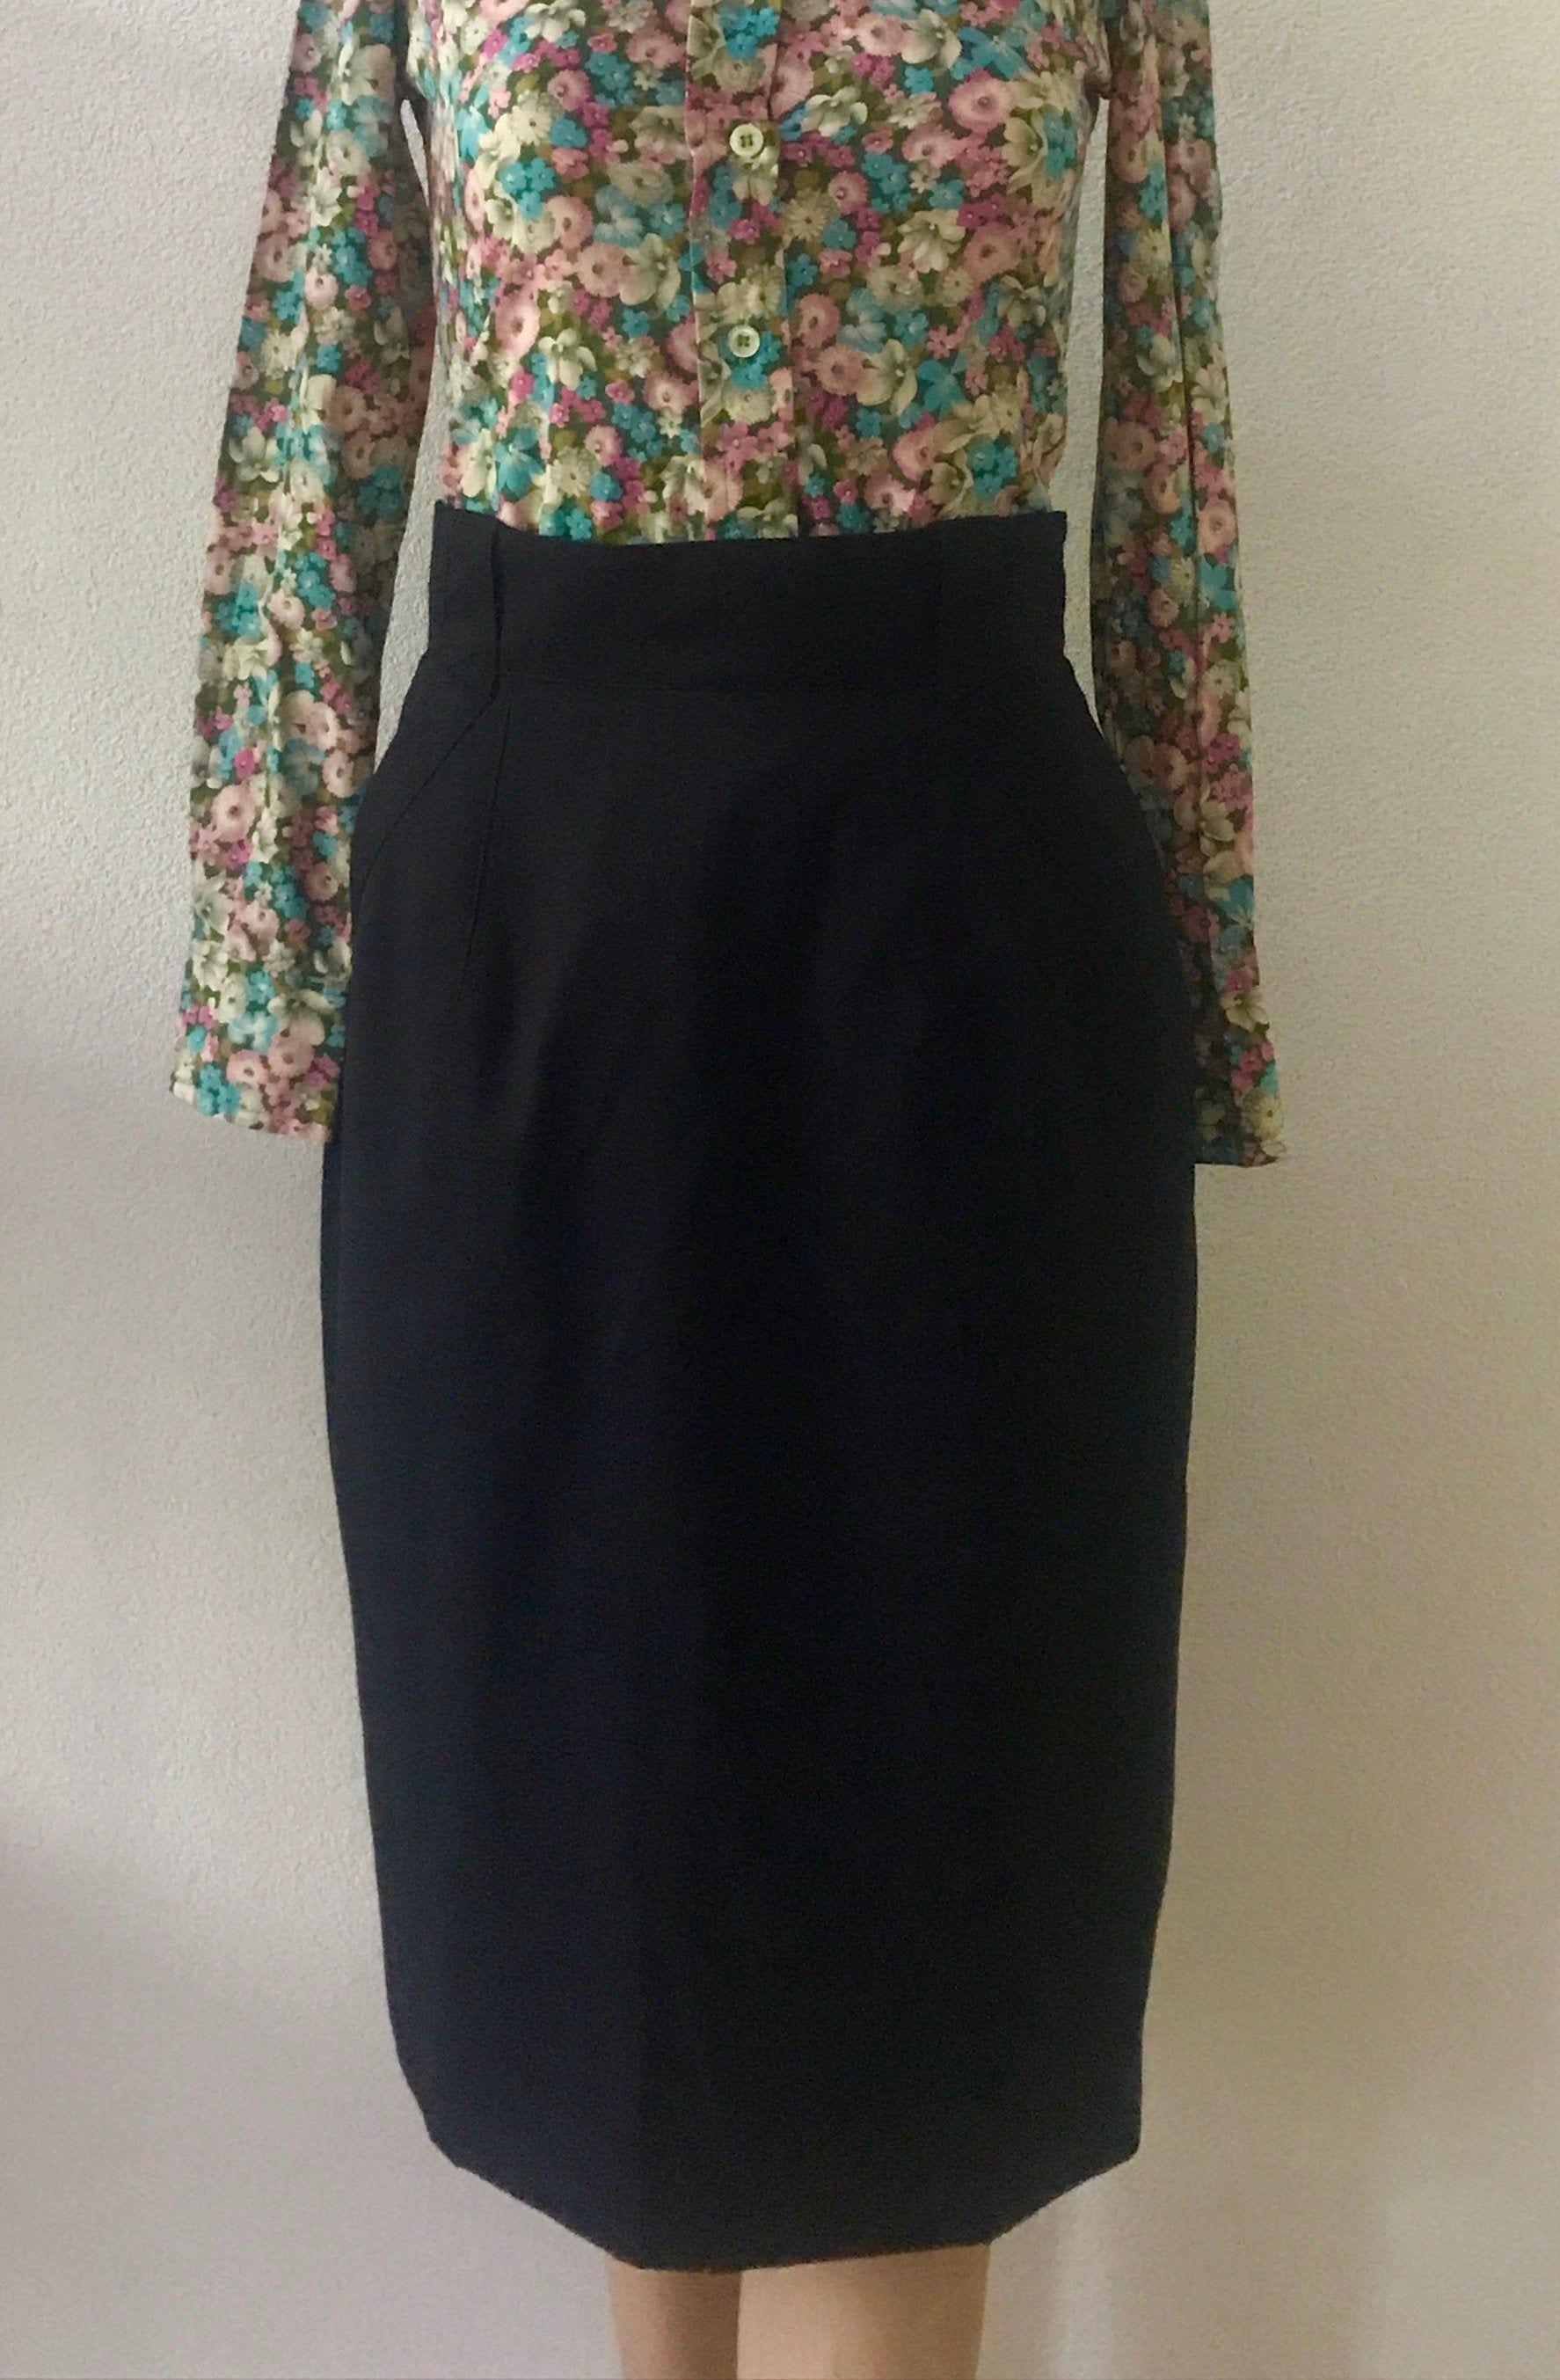 Ongekend Vintage hoge taille rok   Joop!   kokerrok   eighties rok DE-67